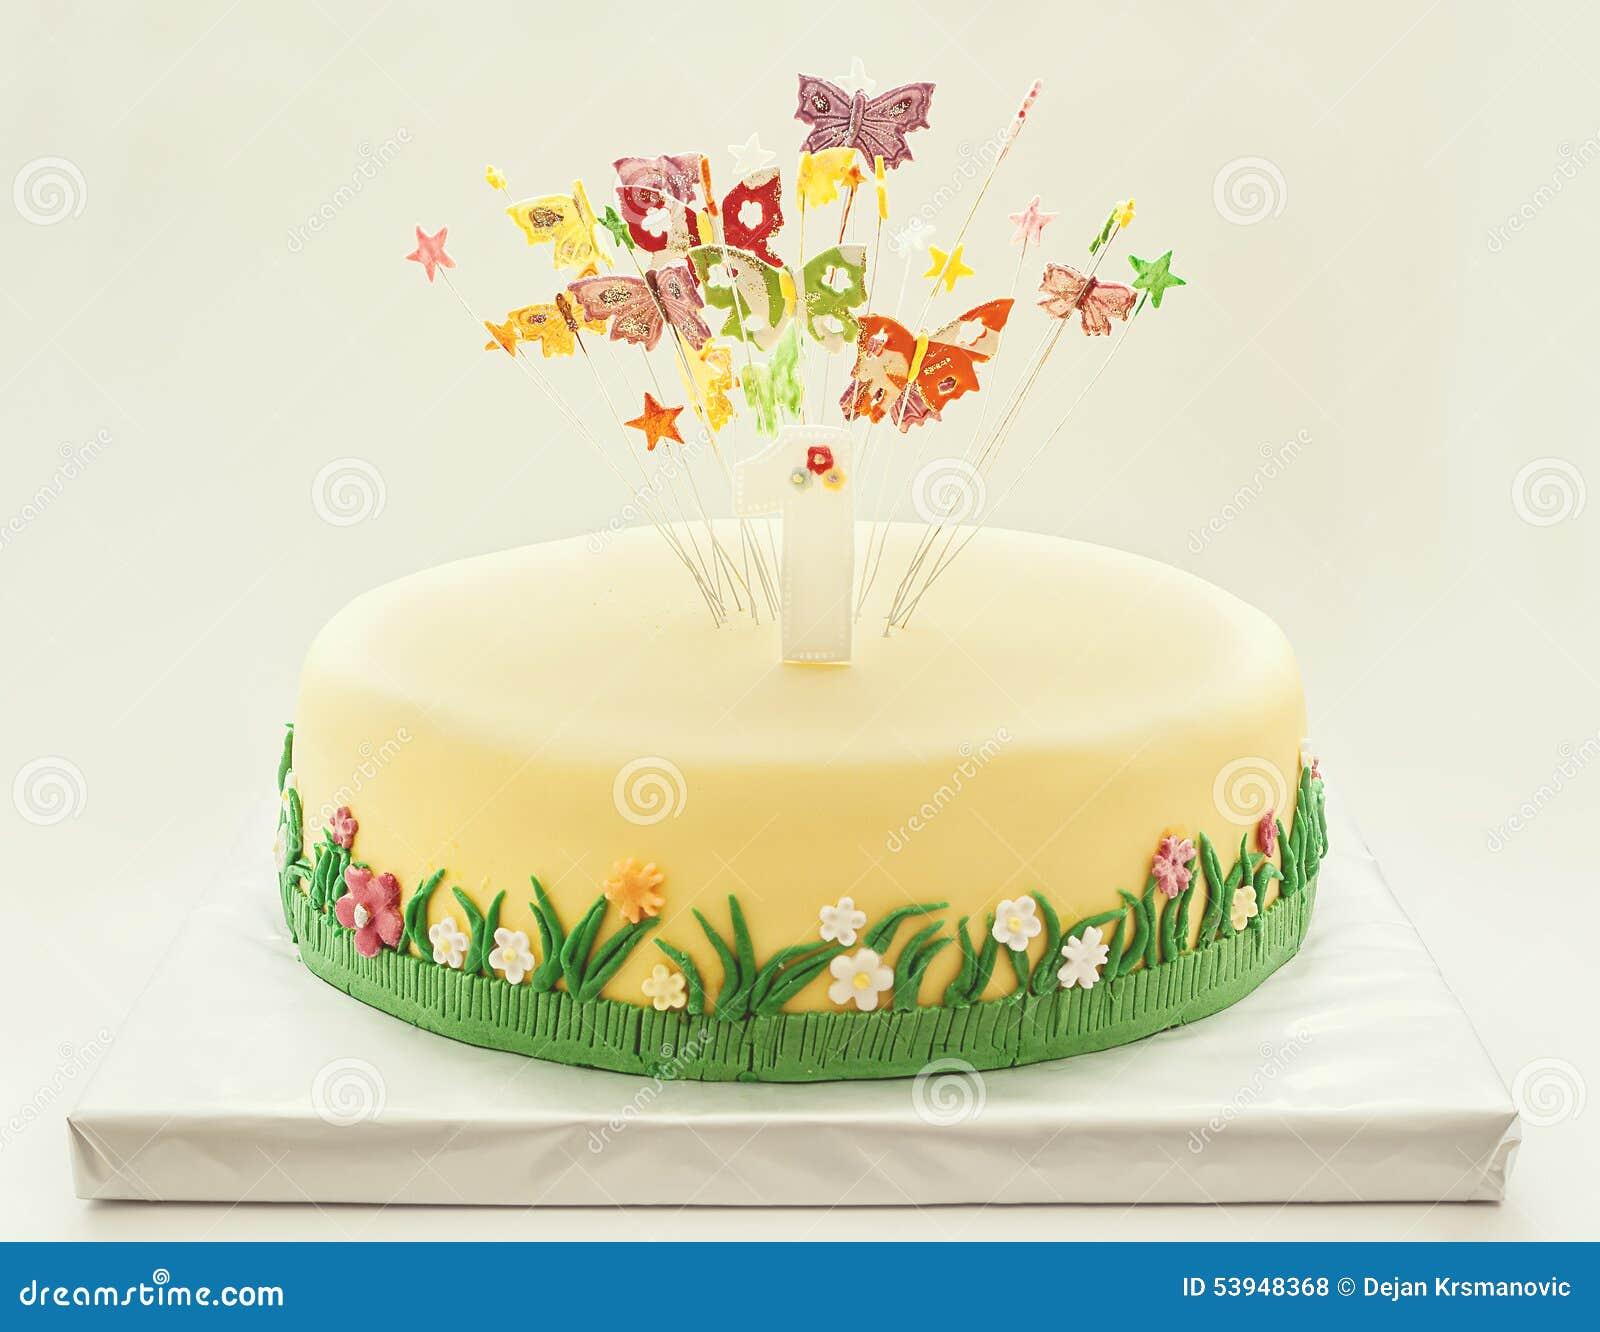 Birthday Cake Stock Photo Image Of Baked Decor Gift 53948368